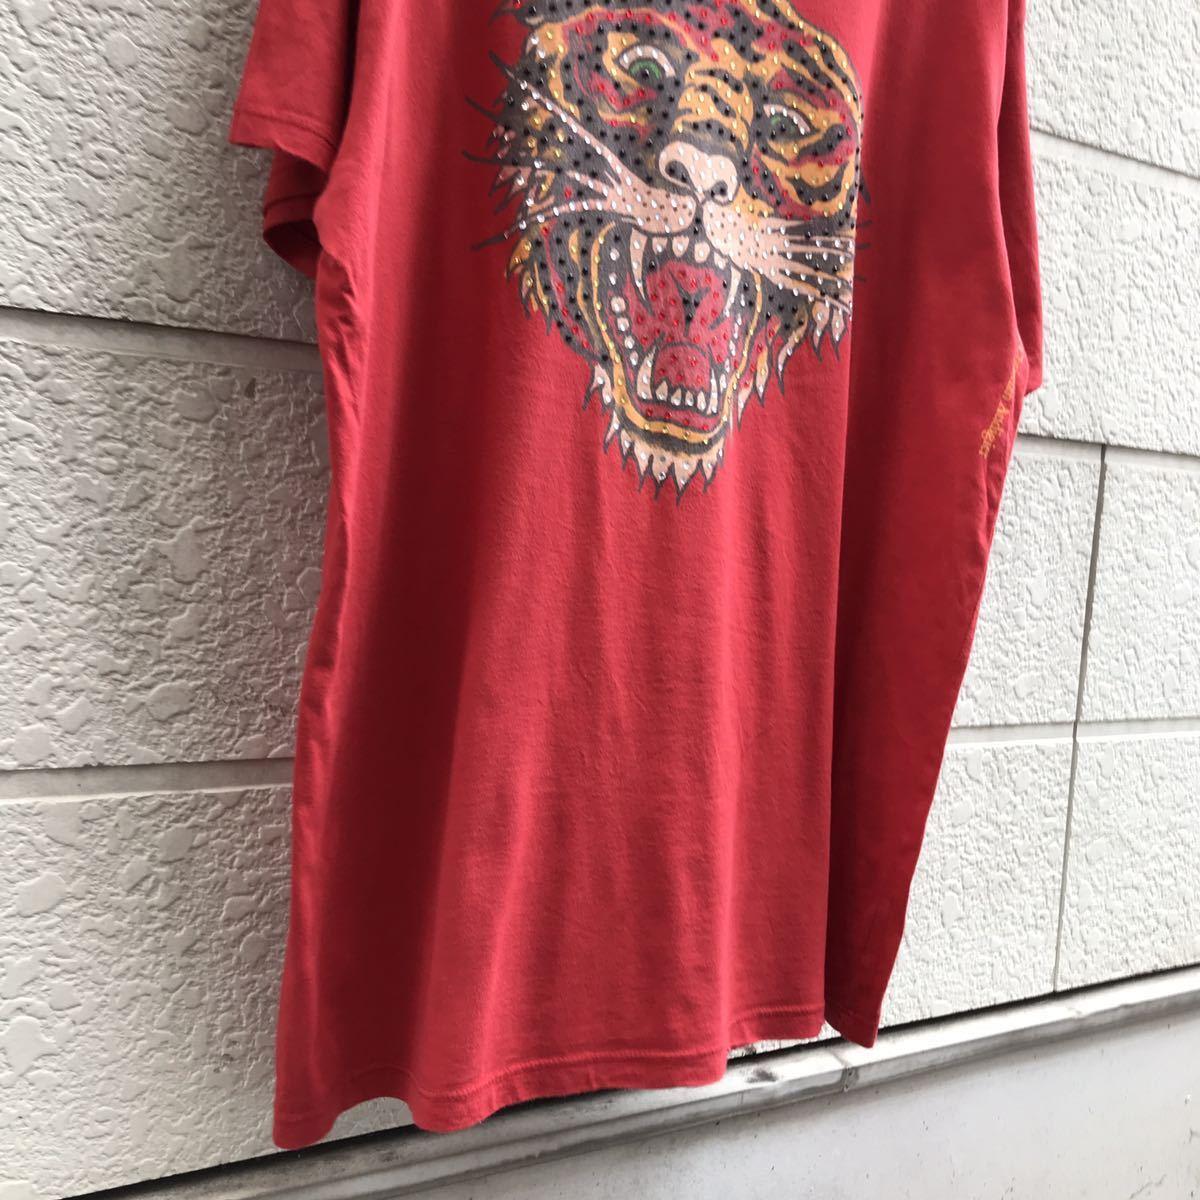 US古着 USA製 Ed Hardy プリントTシャツ アニマル柄 トラ柄 入れ墨 タトゥー タトゥー柄 半袖Tシャツ エドハーディー アメリカ製 XLサイズ_画像5